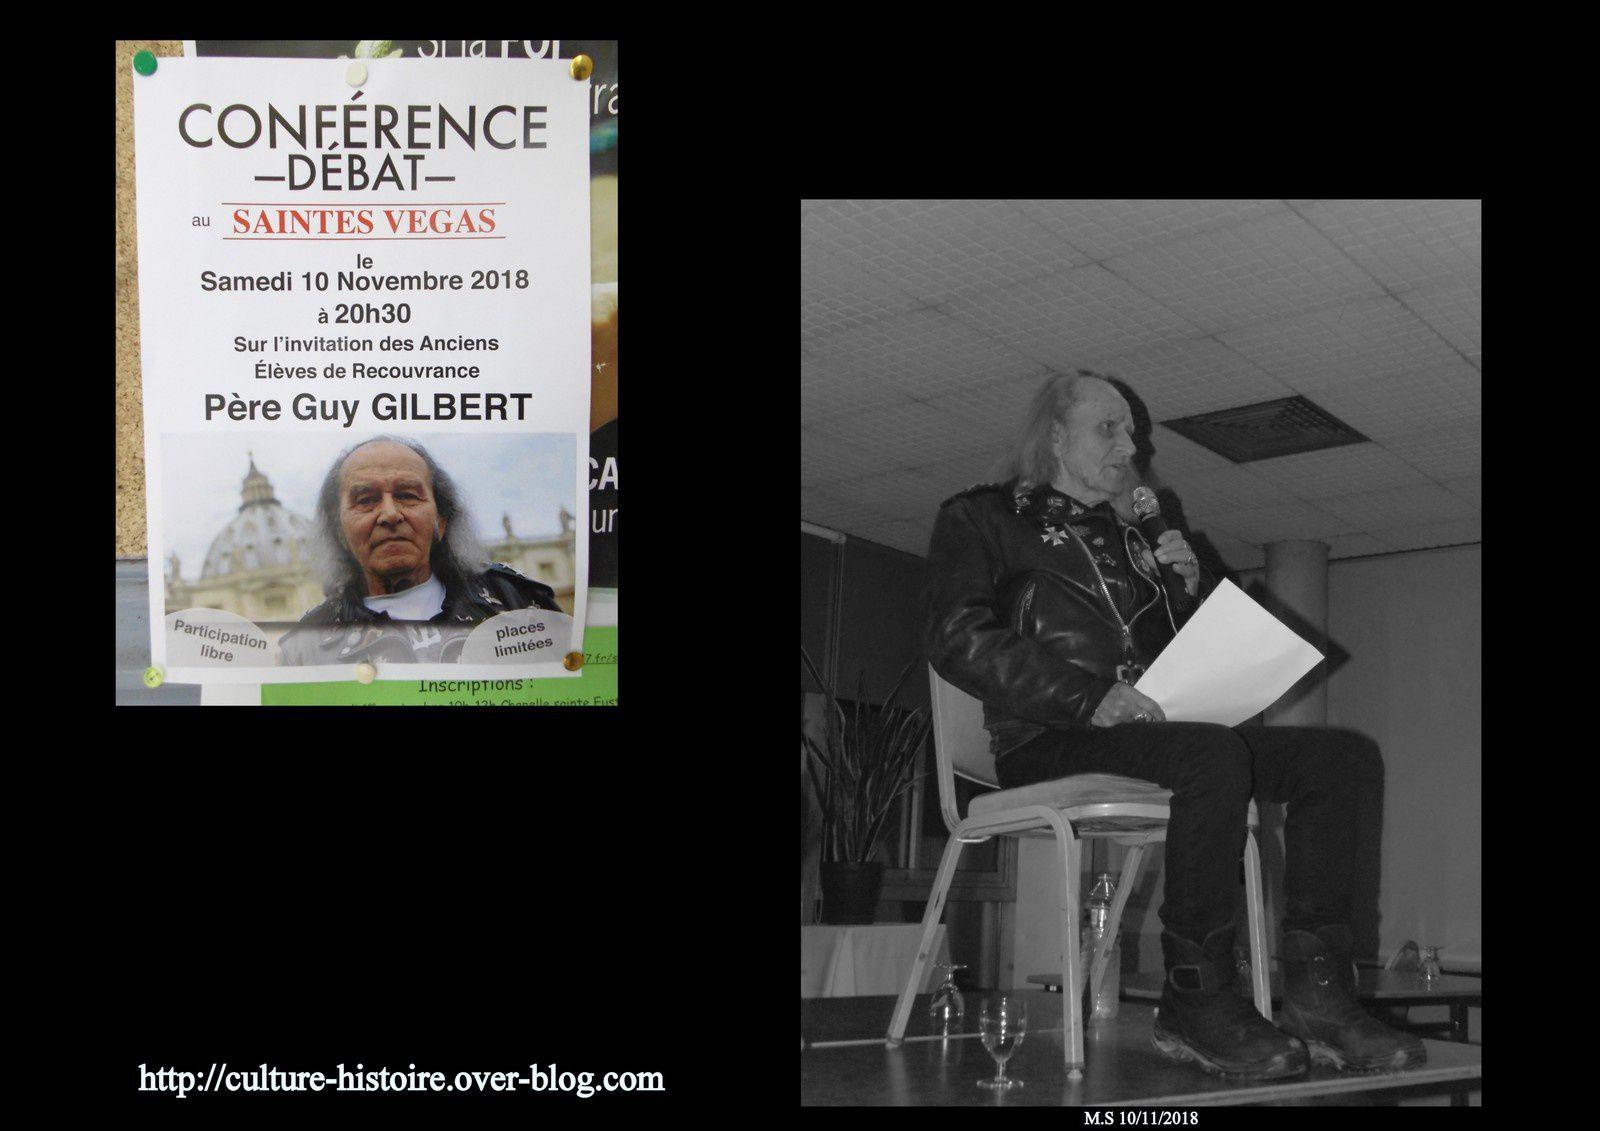 15 - Guy Gilbert sa conférence - Vente aux anchères et Philippe Ravon Expert en art. Saintes à vélo et Sécurité. Aude et aide des Saintais.